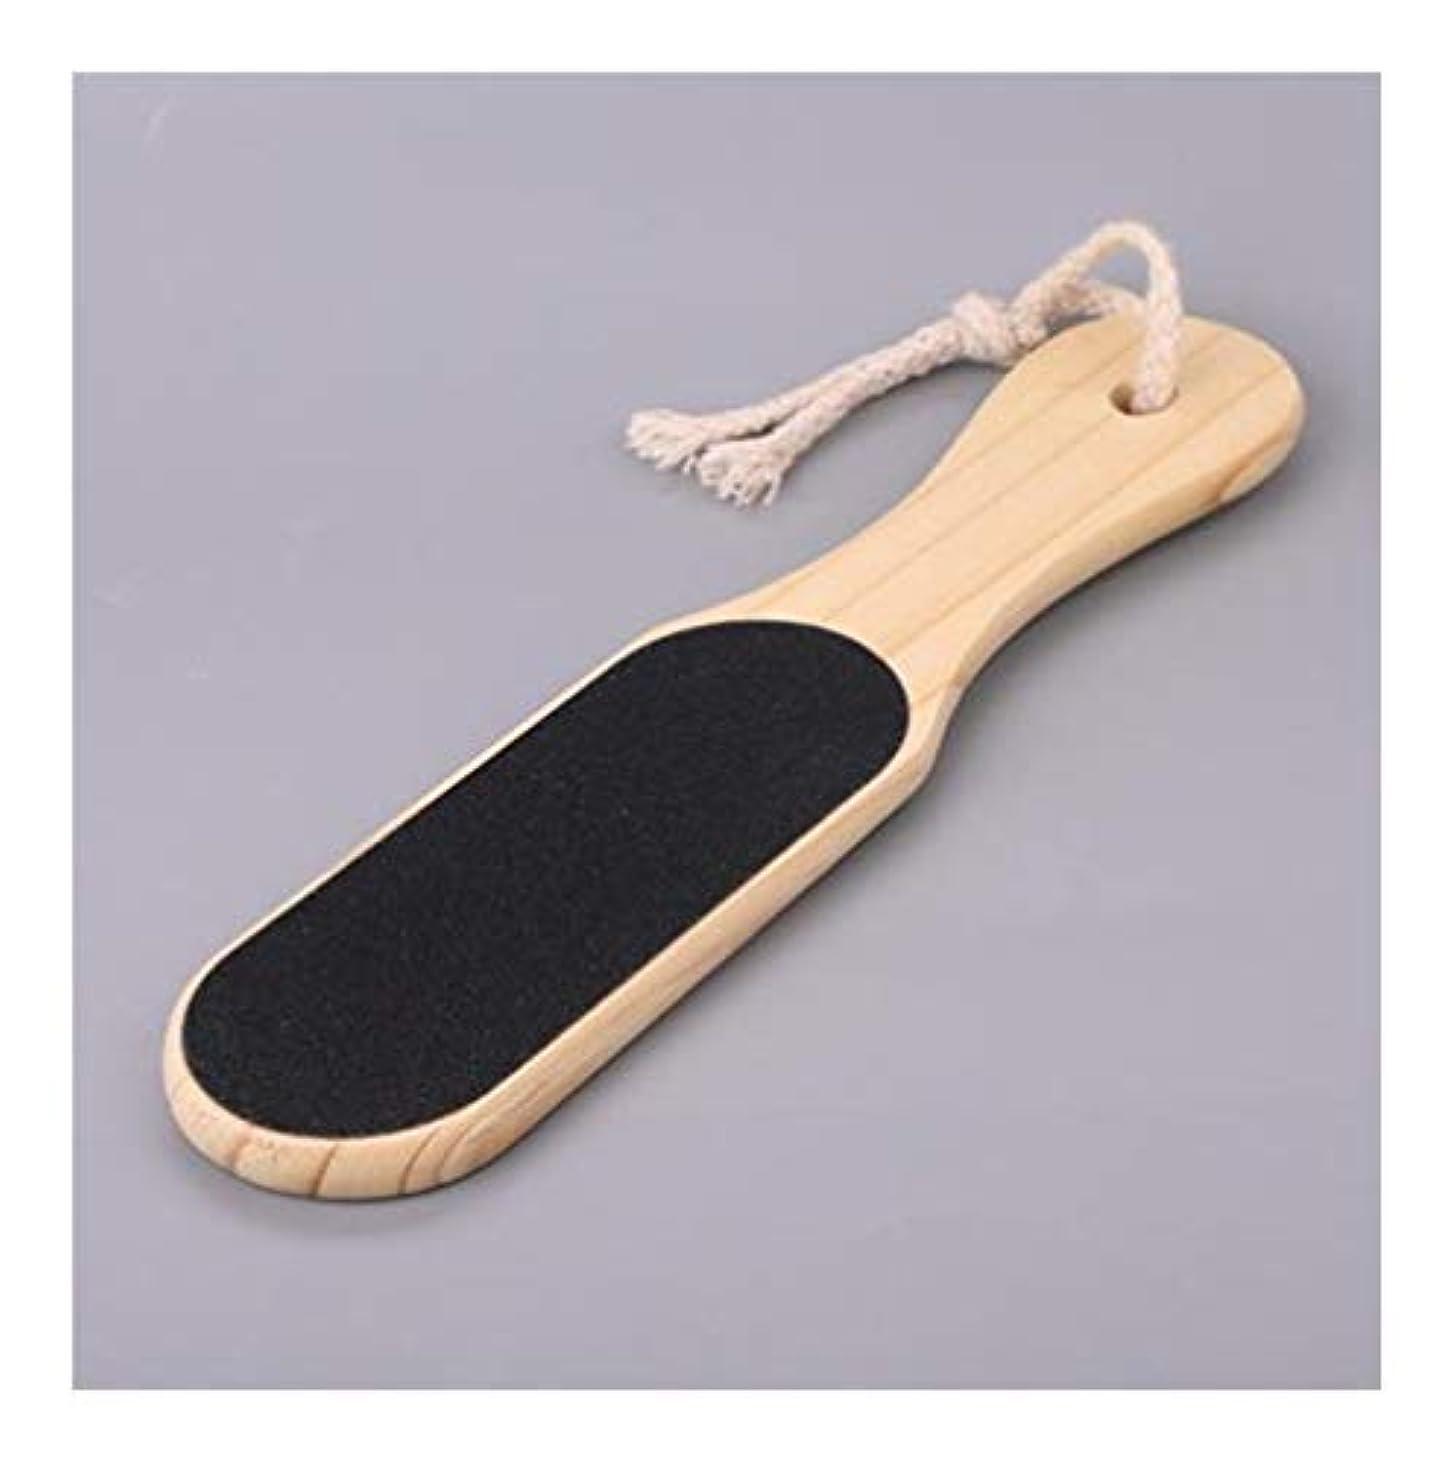 許可欠乏不公平Qiyuezhuangshi01 木製ハンドルステンシル、フットペディキュア美容アーティファクト添加にオールドペディキュアフットペディキュアブラシフットテンダーフットツールで死んだ皮膚のにザ?靴底をダブル両面 ,フィンガーフィット設計 (Color : A, Size : 6*16cm)